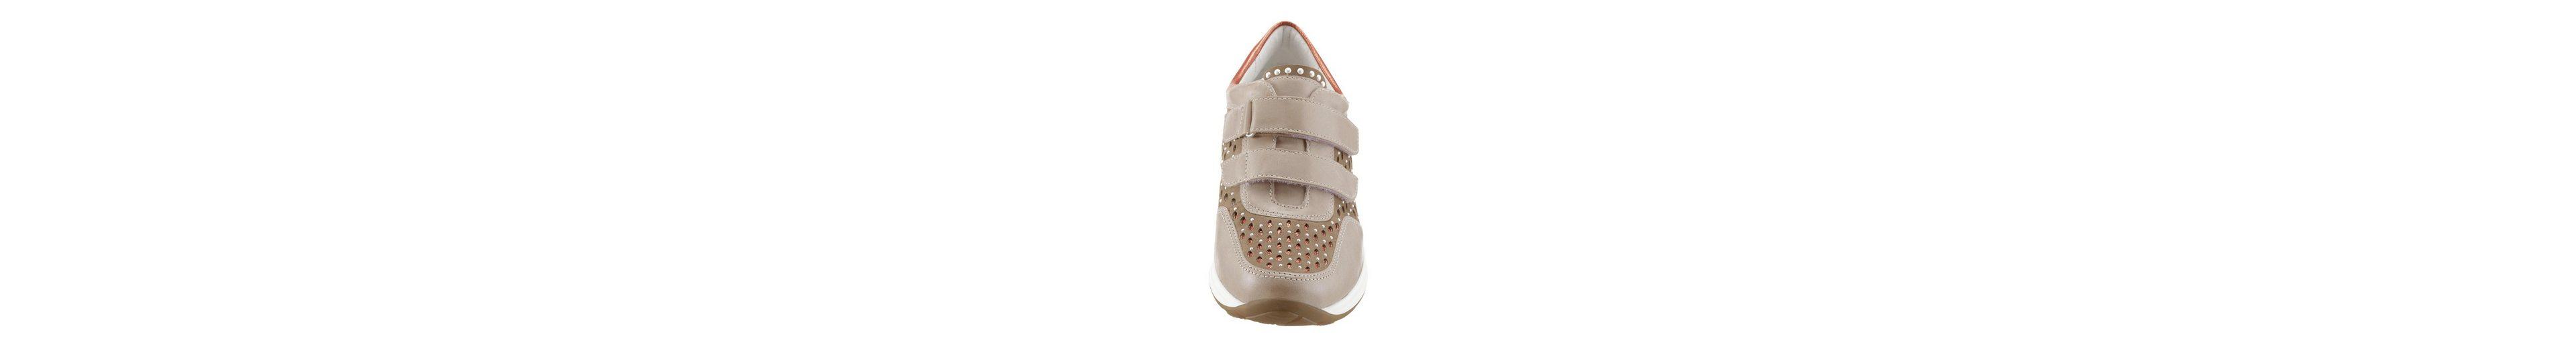 Kosten Verkauf Online Billig Verkaufen Mode Ara Klettschuh mit aufwändiger Zierperlen-Applikation Rabatt Erkunden Rabatt Nicekicks Authentisch COUShCwAHI